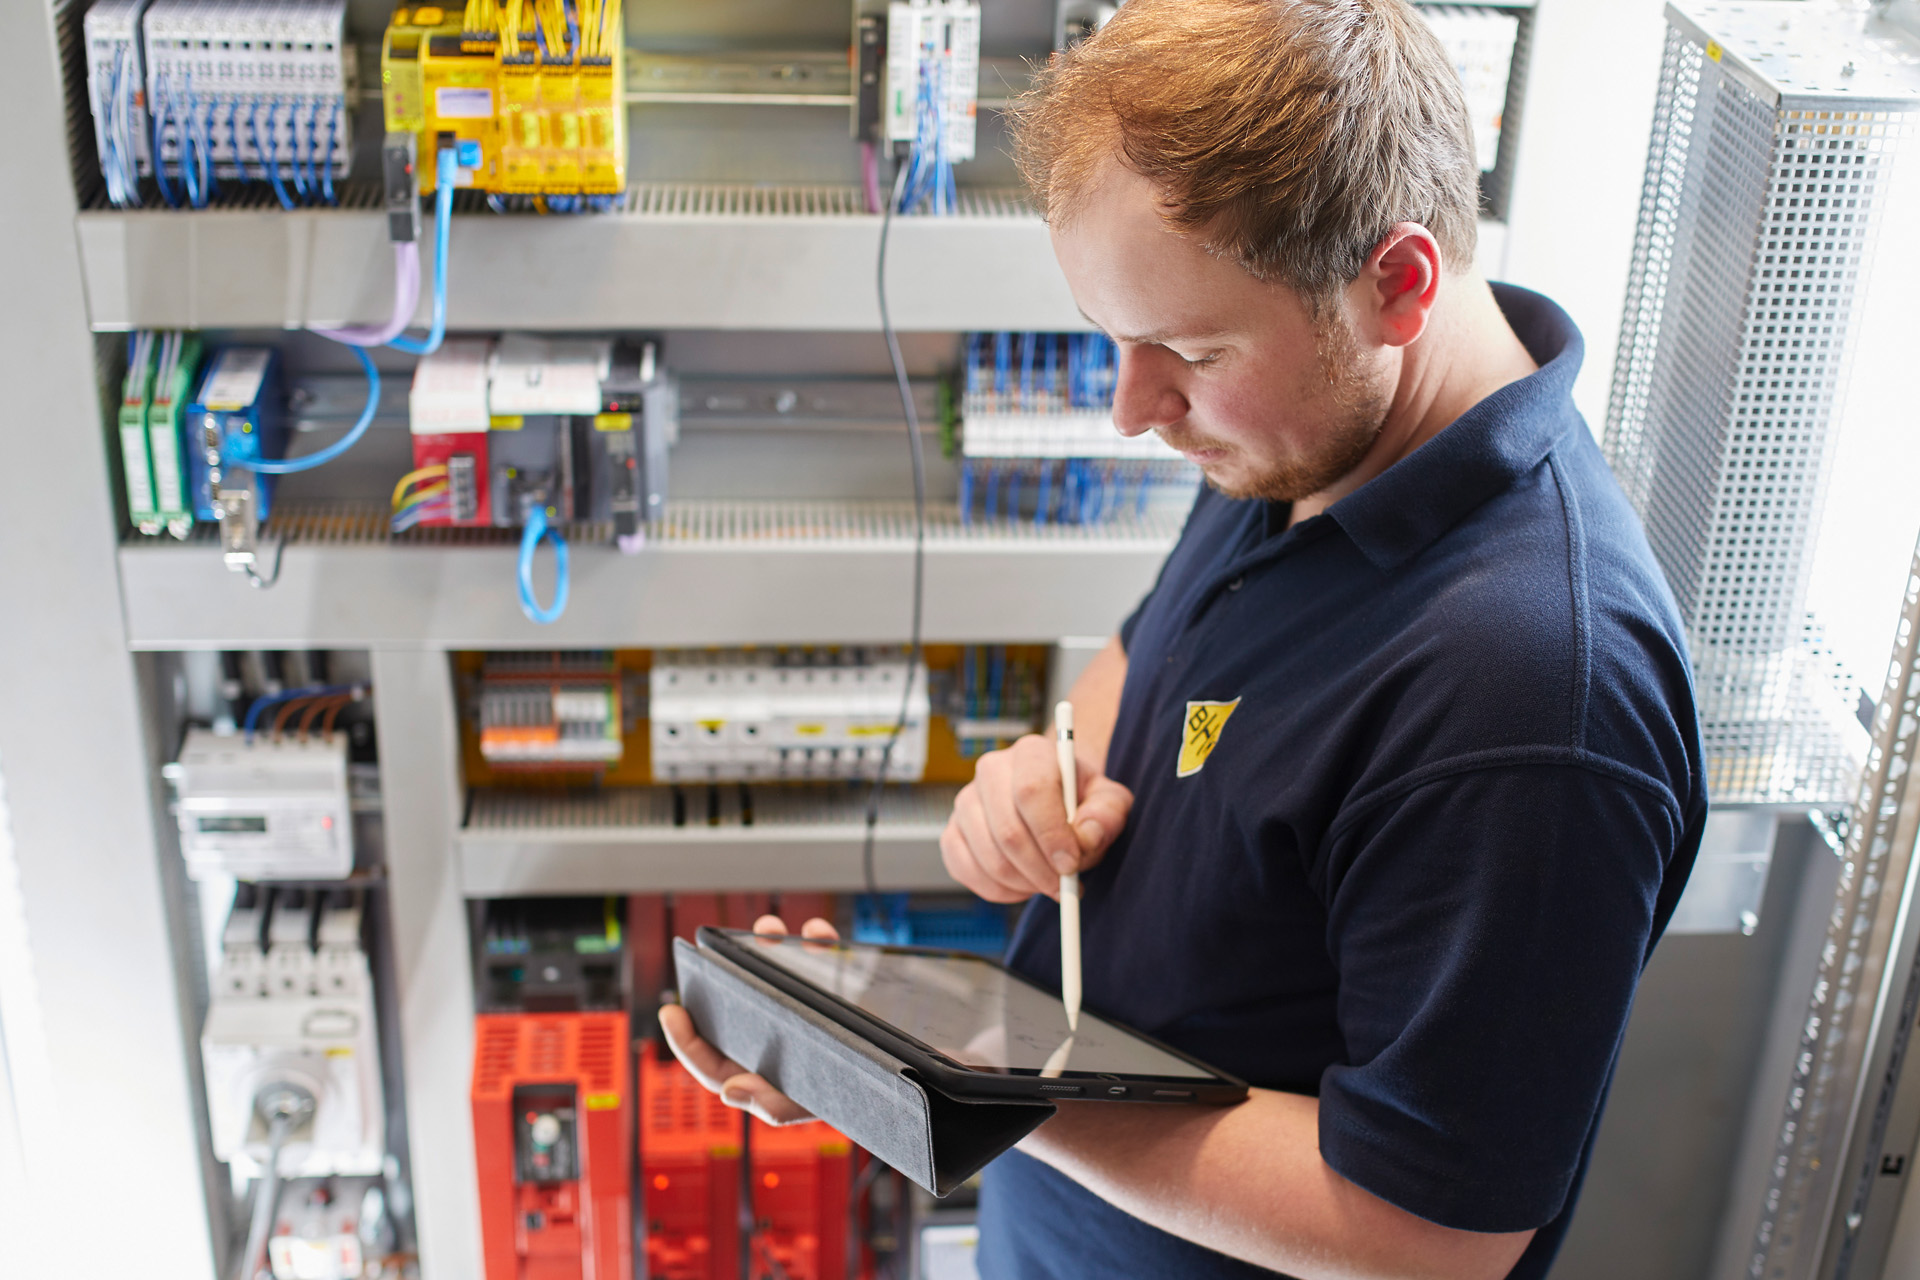 Elektriker kontrolliert Schaltkasten